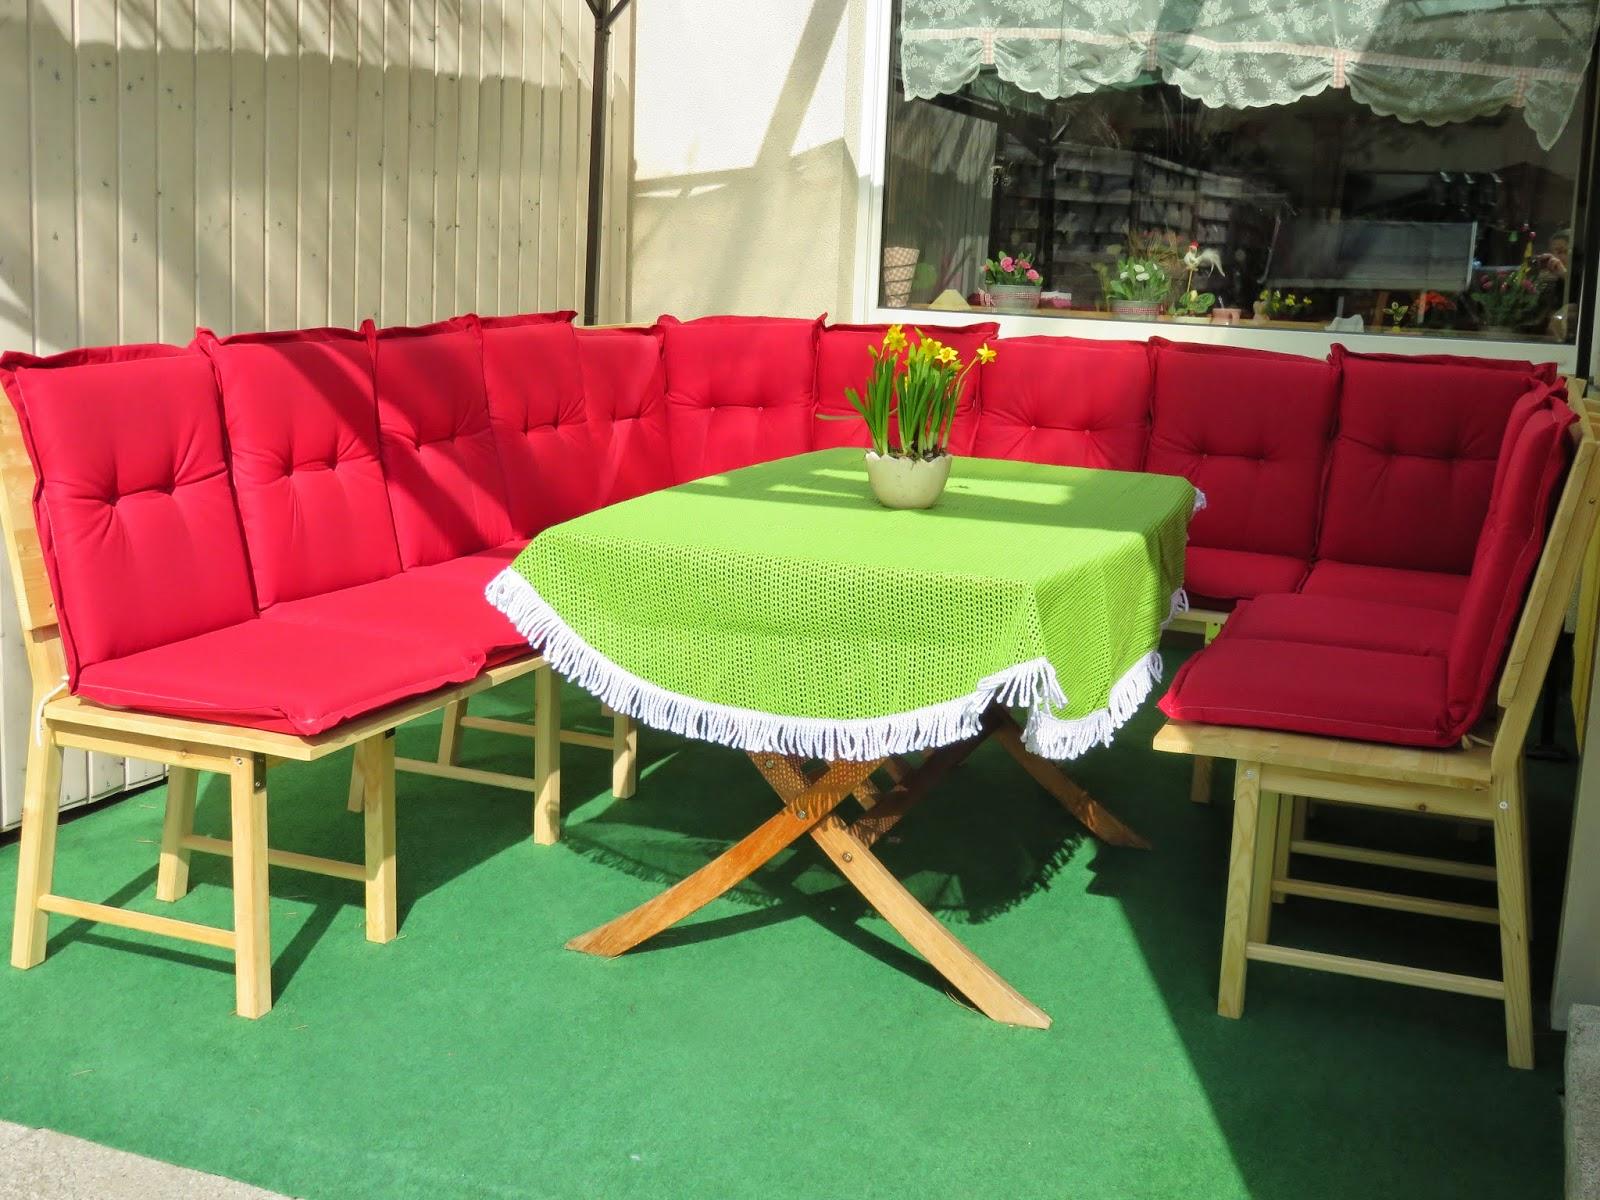 Outdoor Küche Ikea Family : Küchenschränke materialien für outdoor küchen